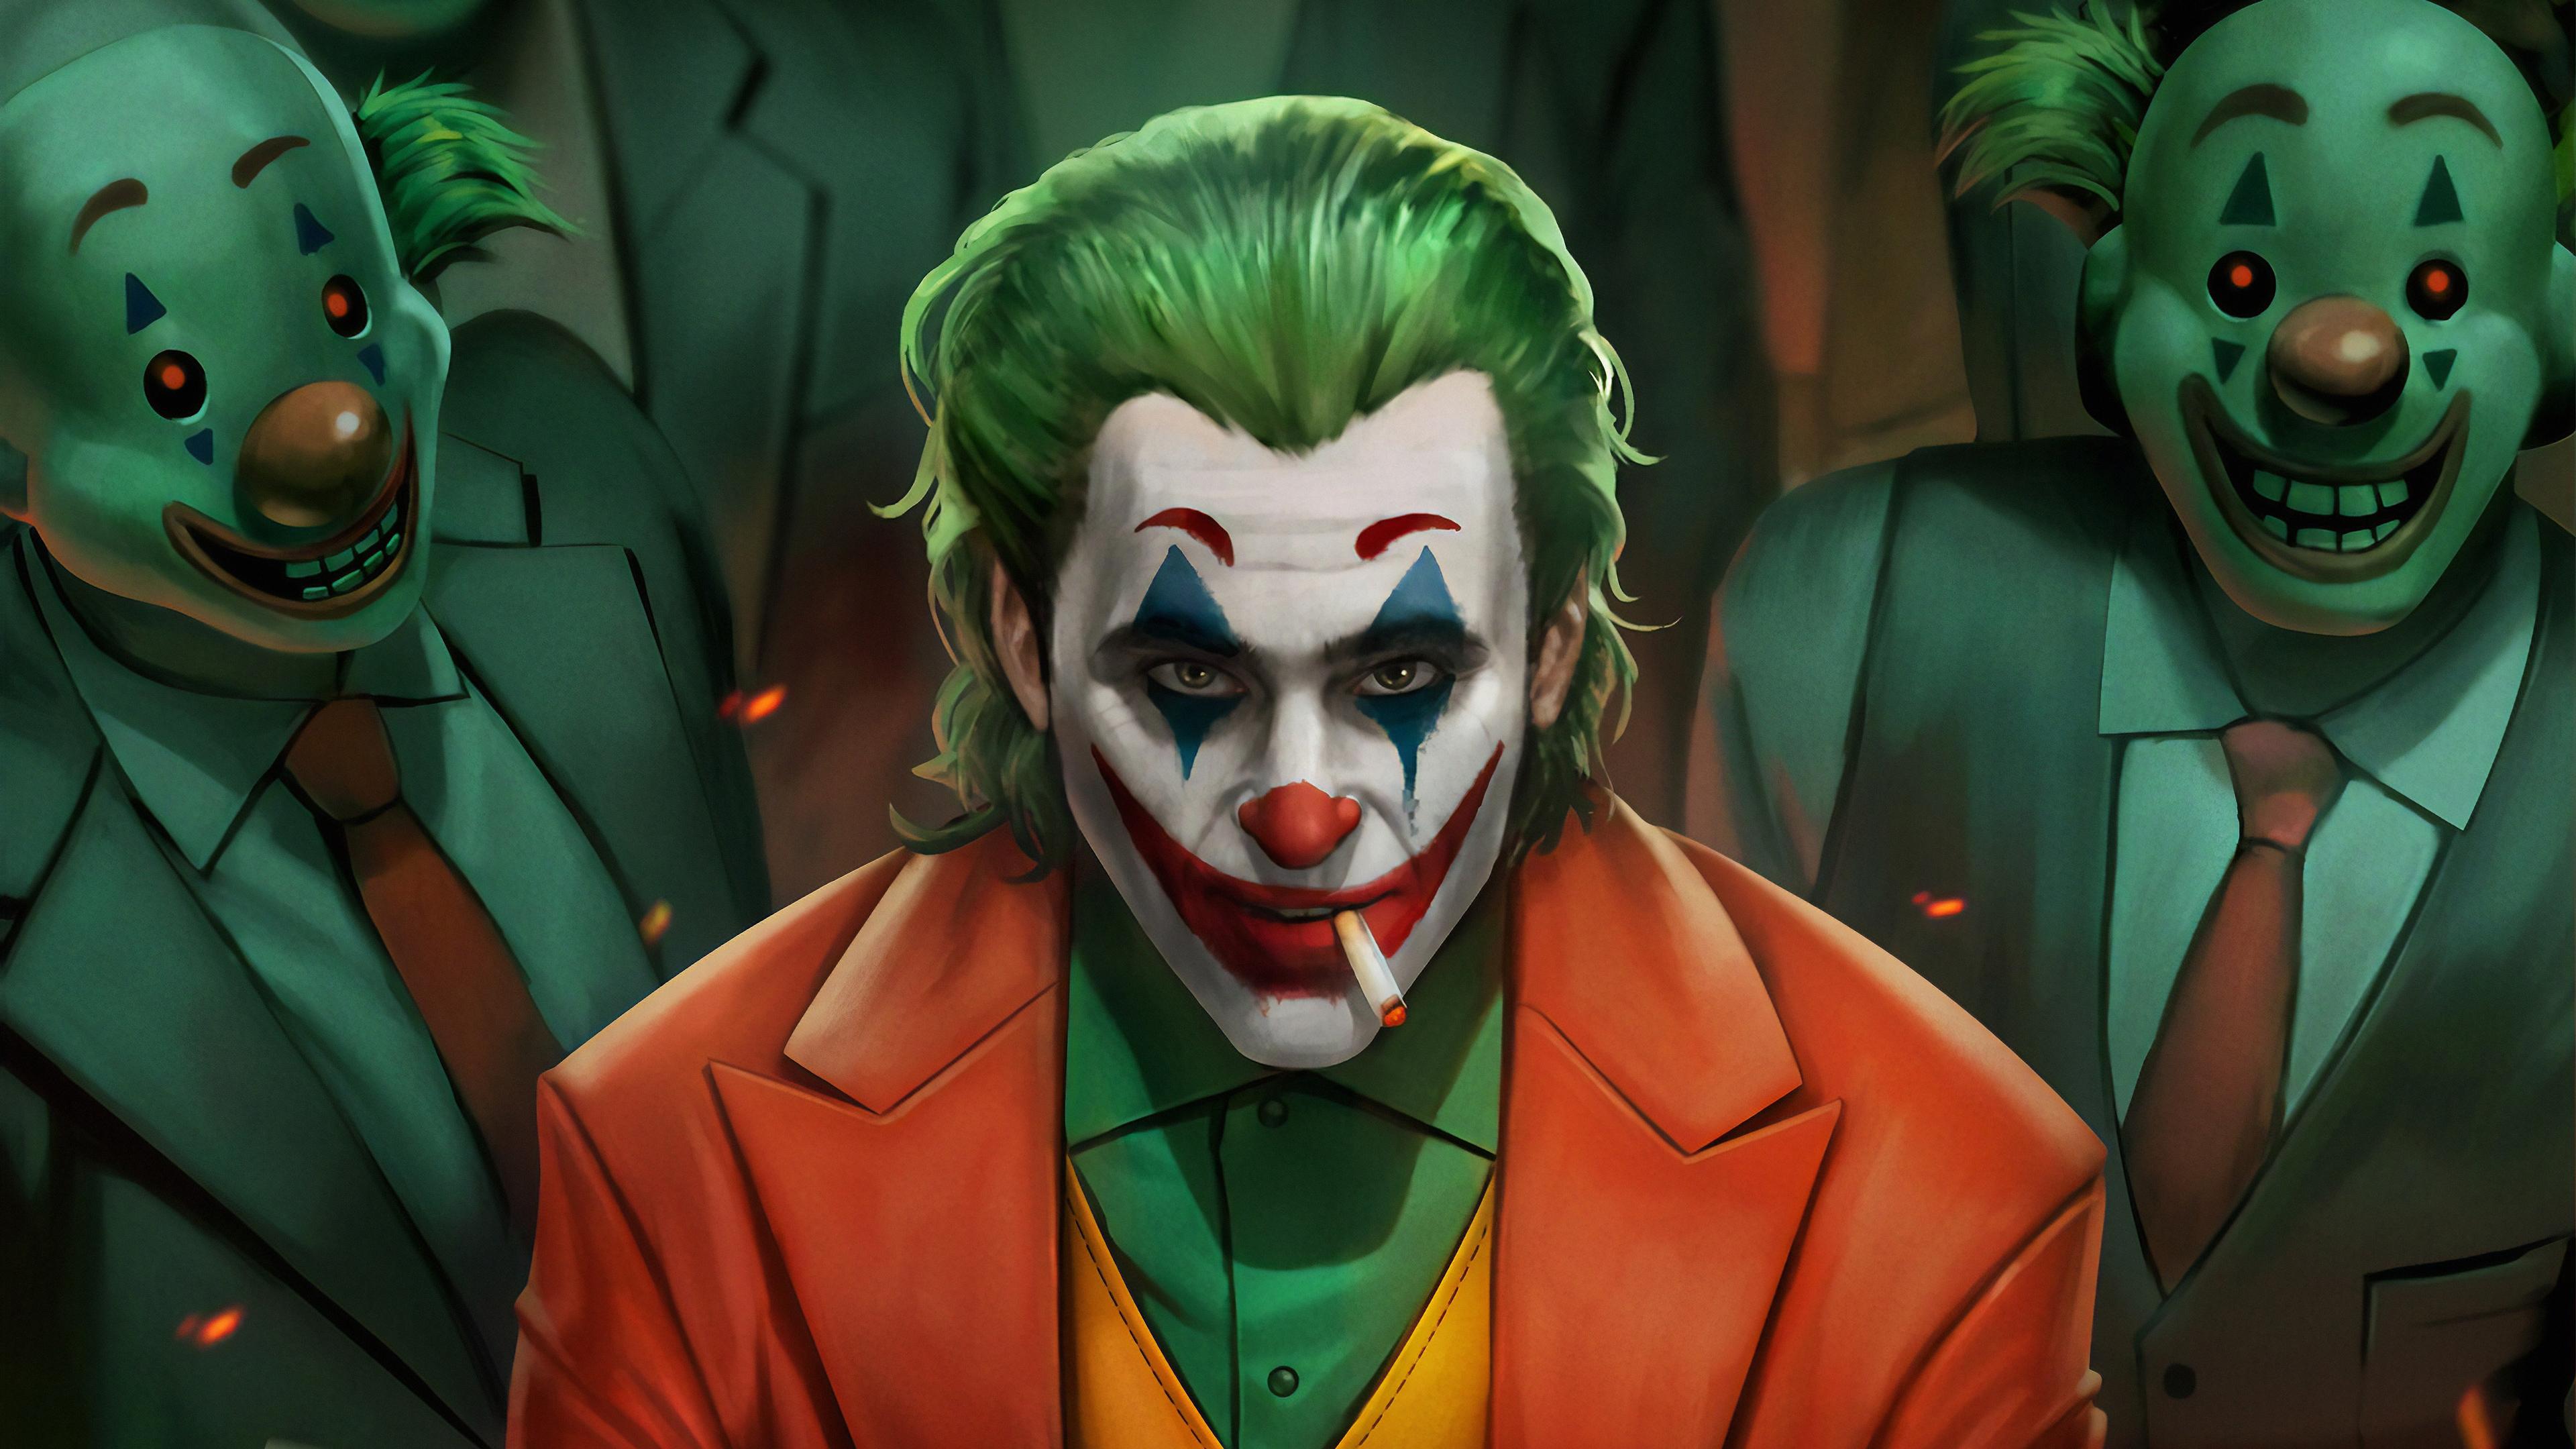 Joker 4k Ultra HD Wallpaper | Background Image | 3840x2160 ...